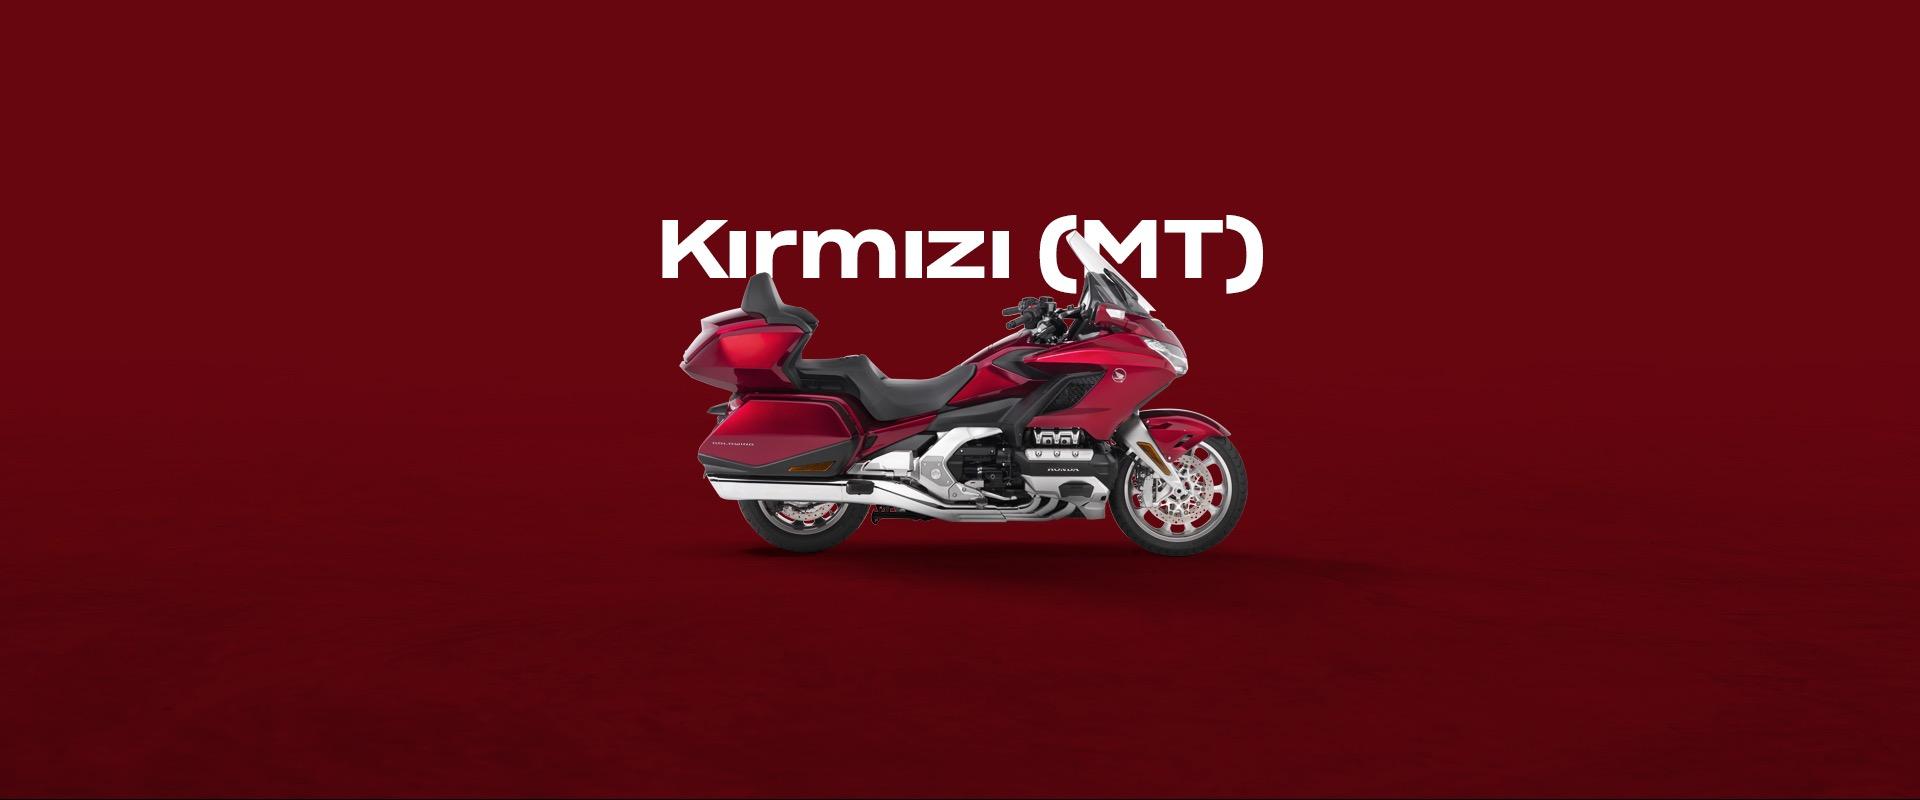 Esengül Motor Kırmızı (MT)